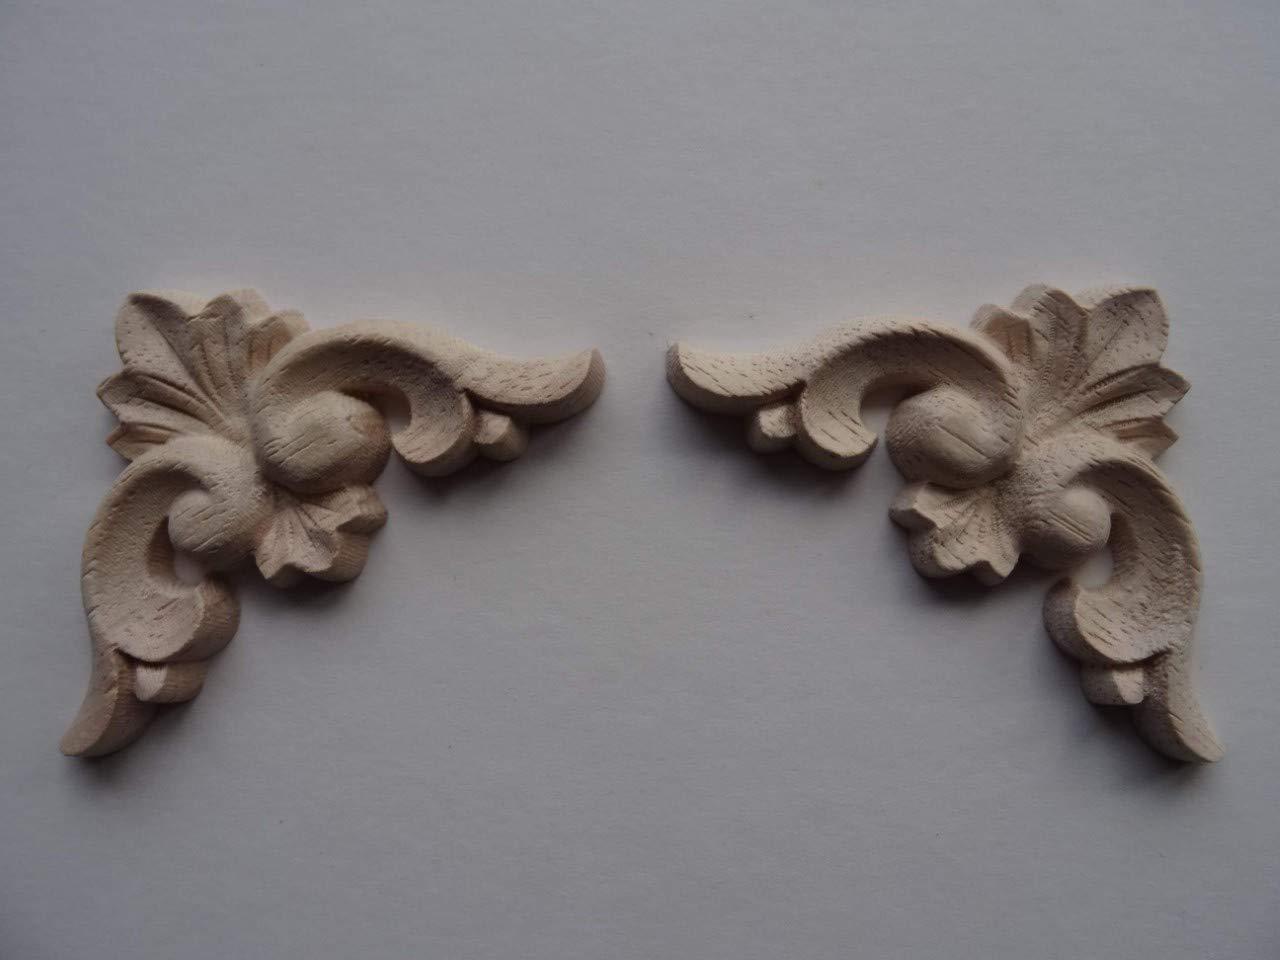 Wood applique decorative pediment architectural etsy